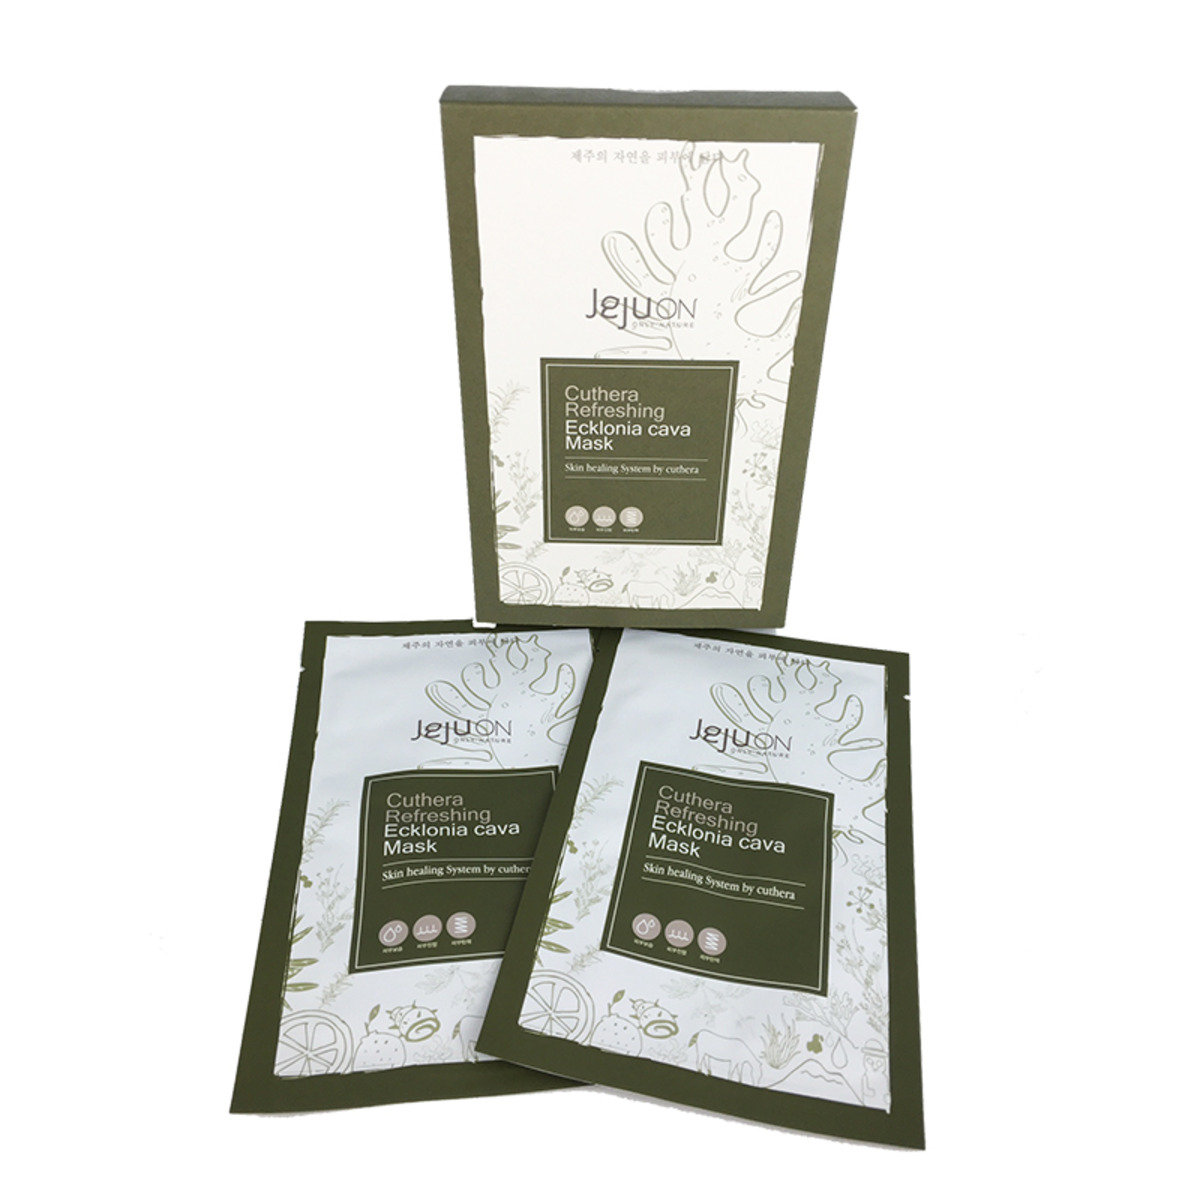 鬱金煥顏滋潤 - 深海褐藻再生修復面膜 (1盒6片裝)